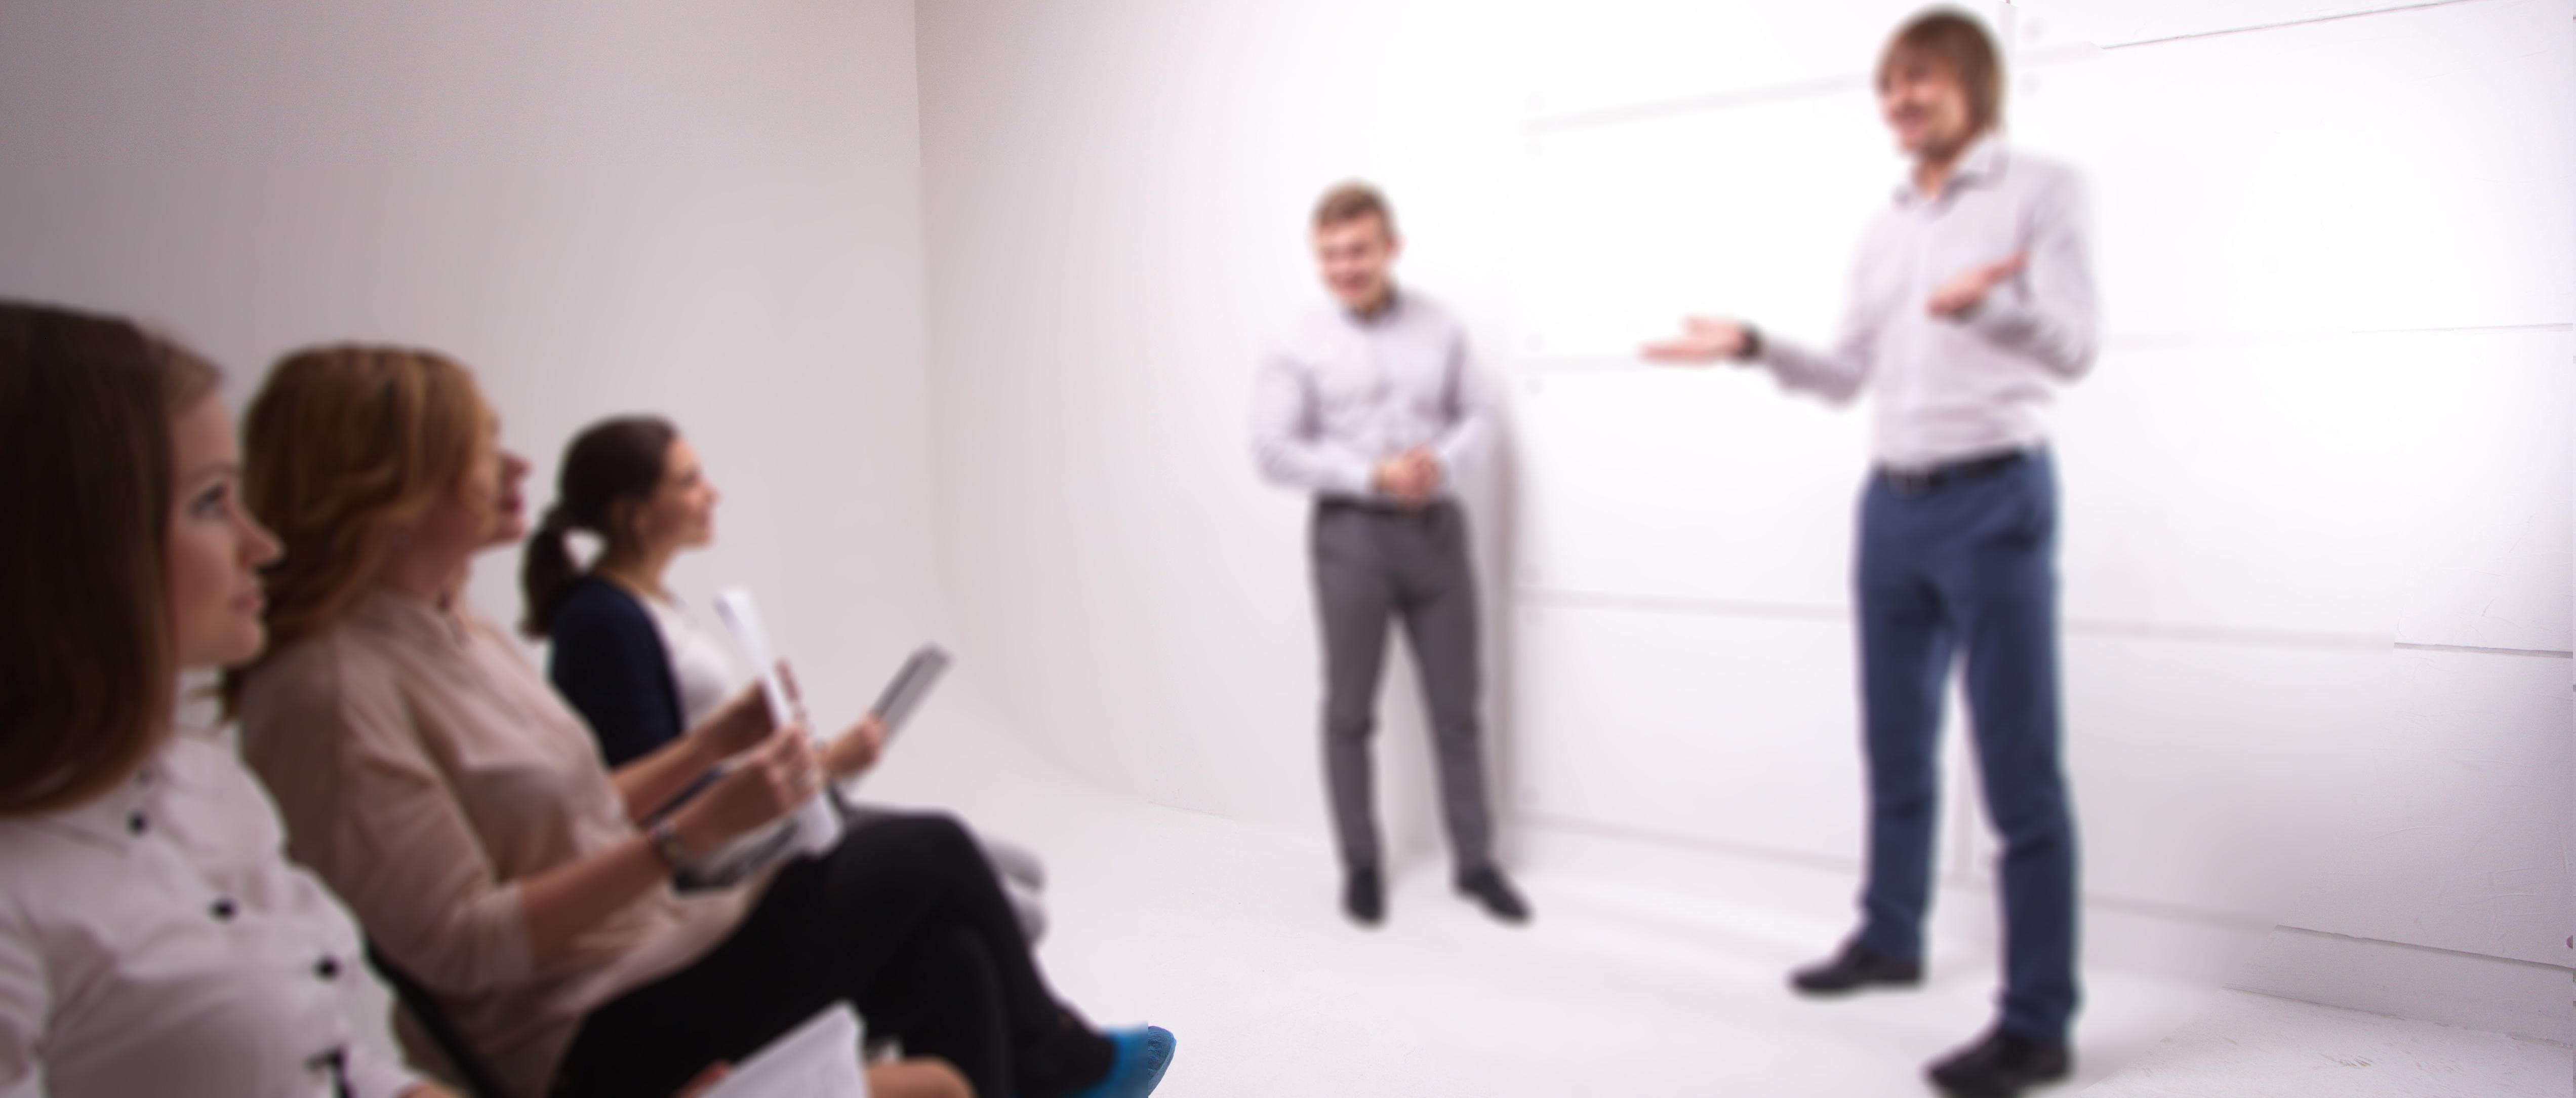 план-схема тренинга эффективное выступление